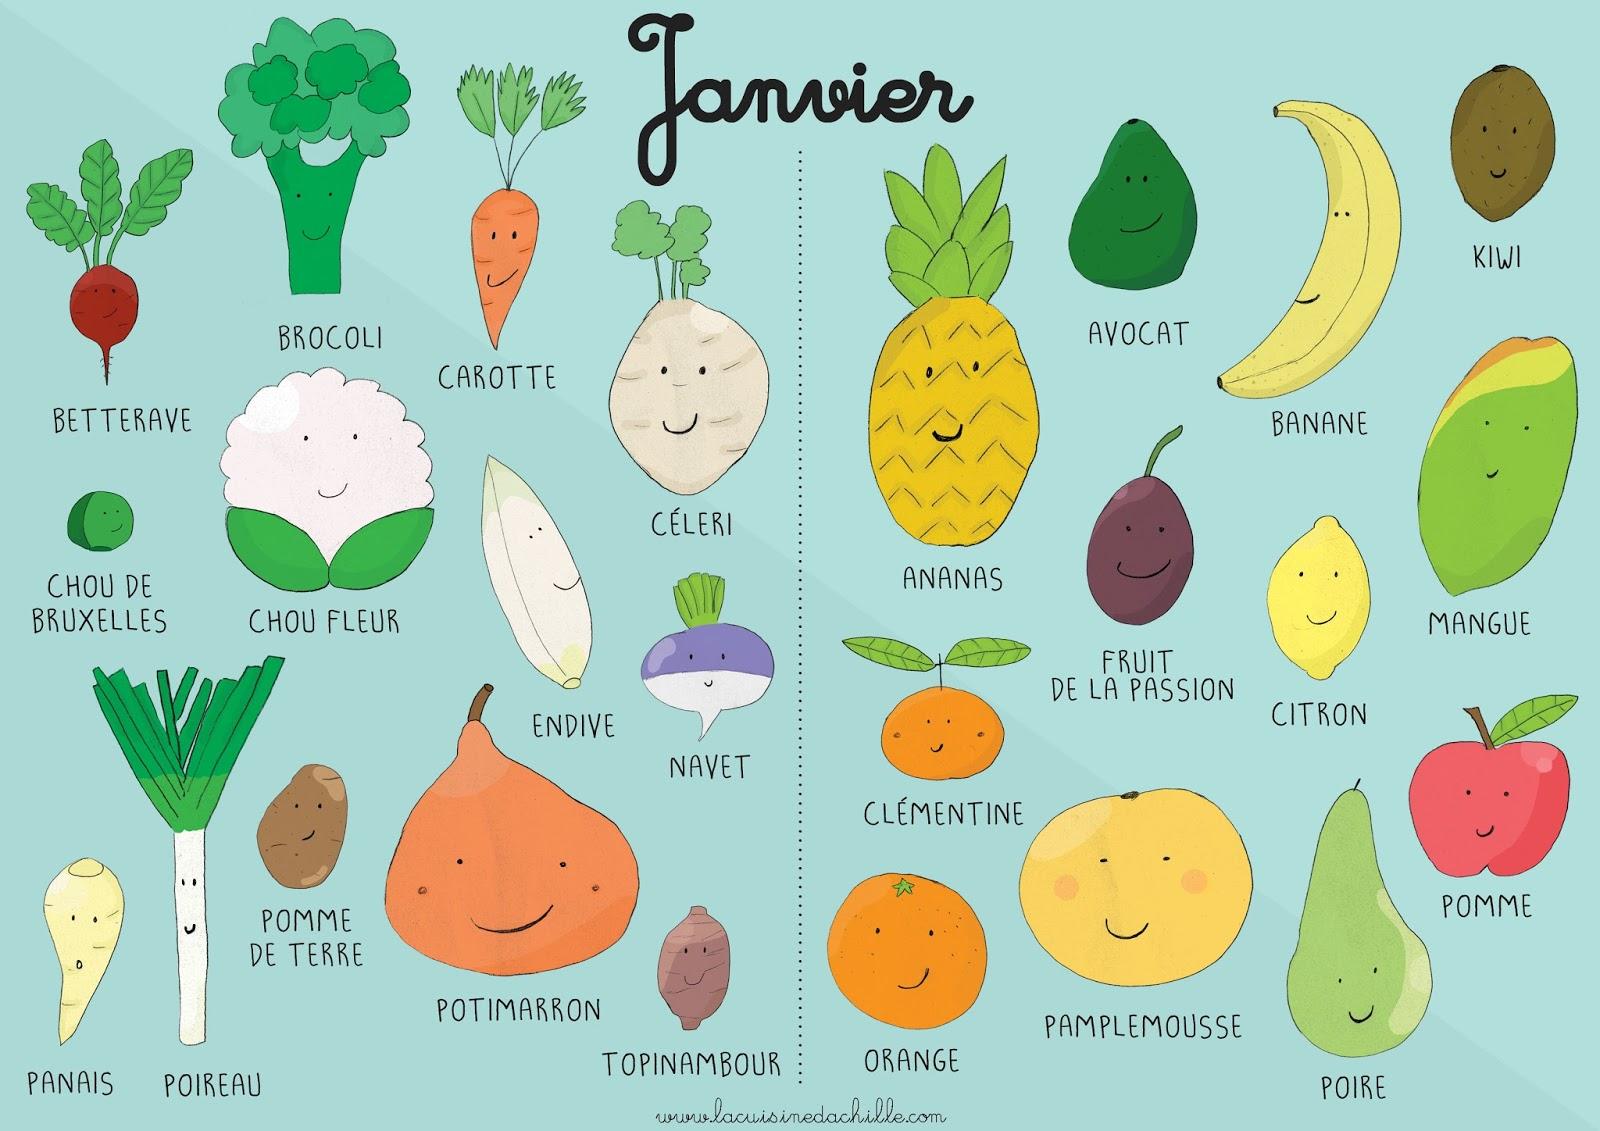 Calendrier Fruits Legumes.Calendrier Fruits Et Legumes Janvier La Cuisine D Achille